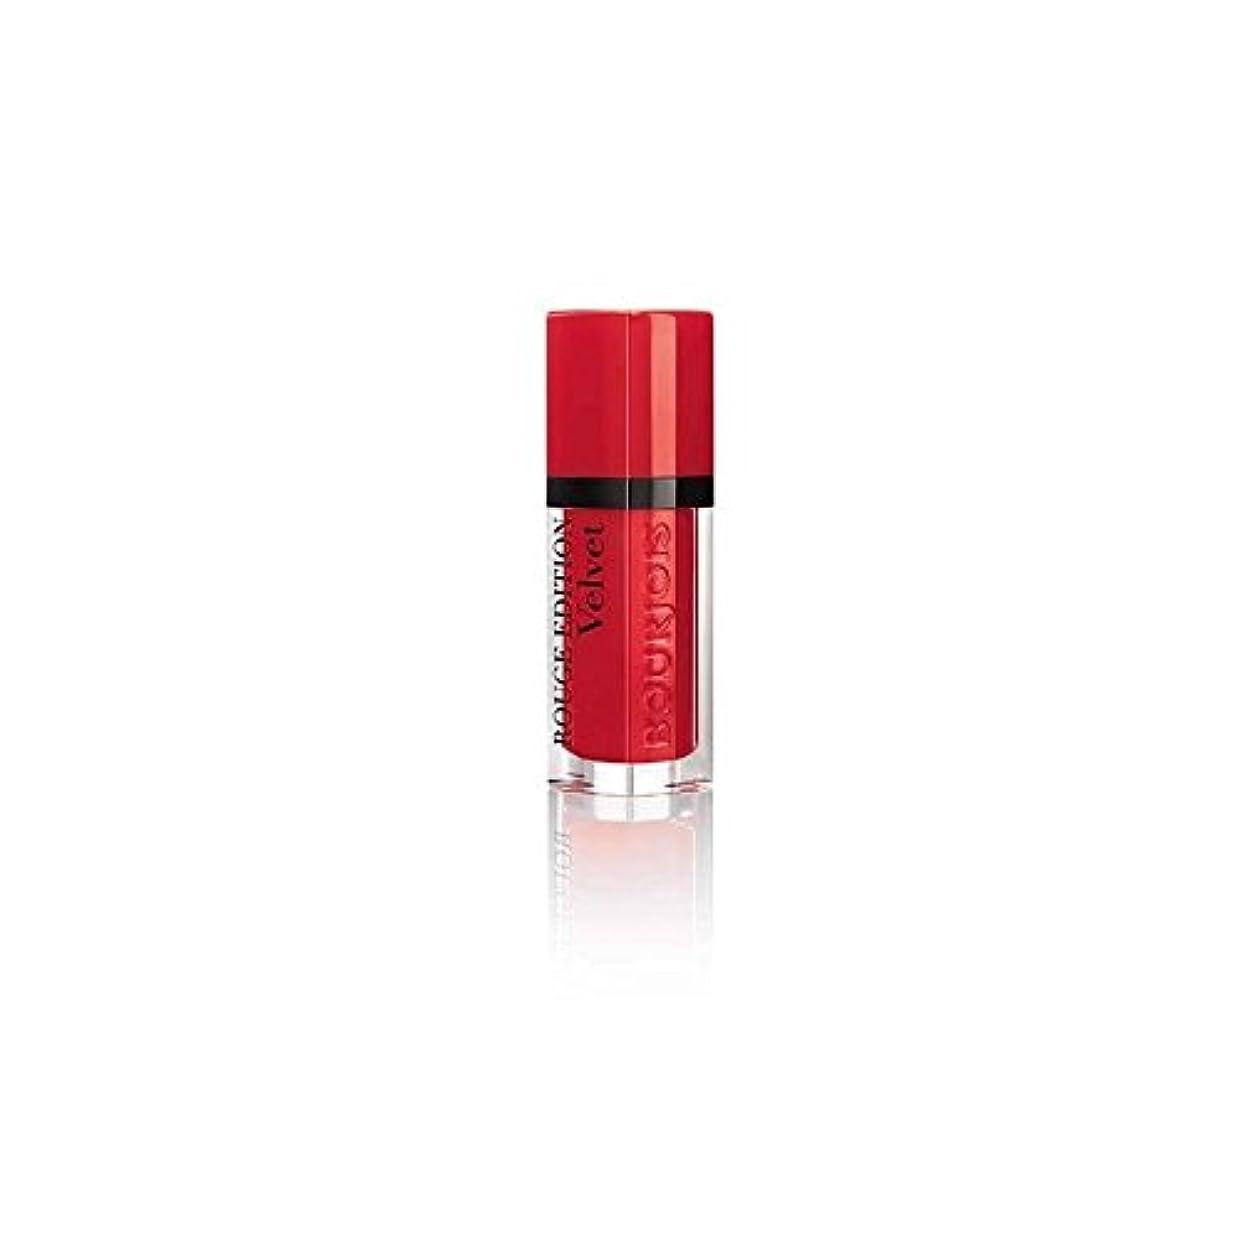 キャンセルウェーハナサニエル区Bourjois Rouge Edition Velvet Lipstick It's Redding Men 18 (Pack of 6) - ブルジョワルージュ版のベルベットの口紅は、それはレディングの男性18です x6 [並行輸入品]